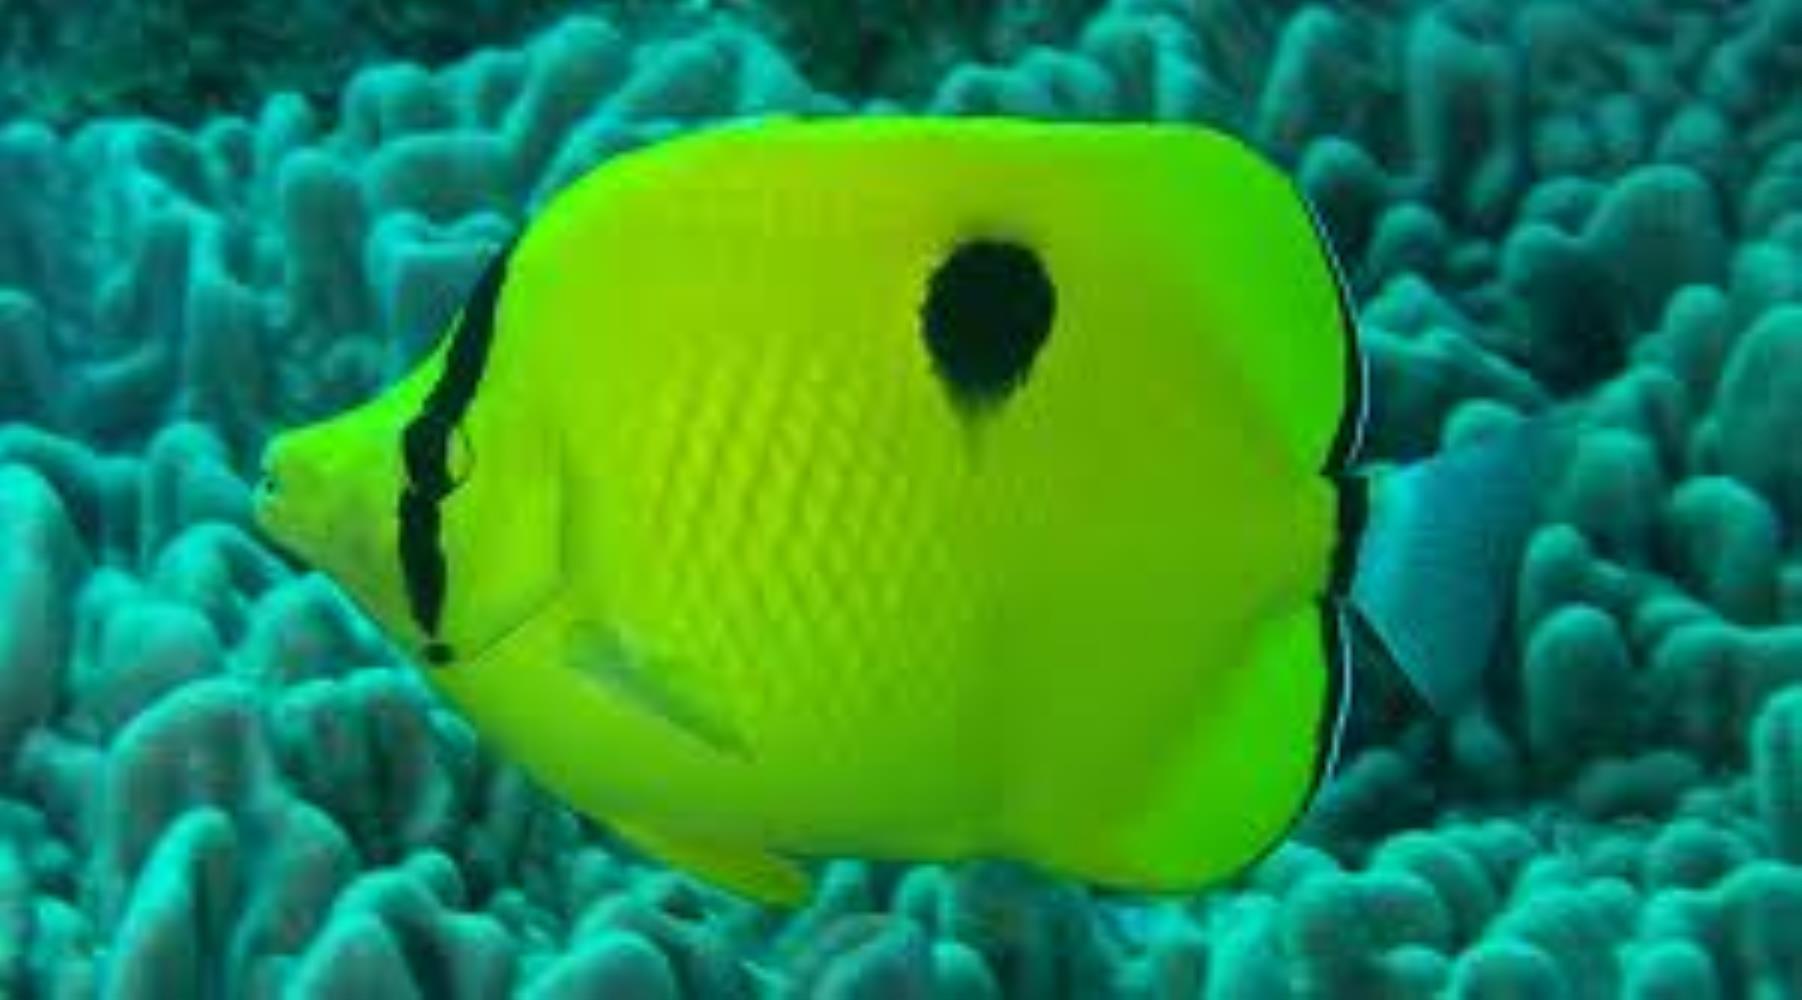 Yellow Teardrop Butterflyfish